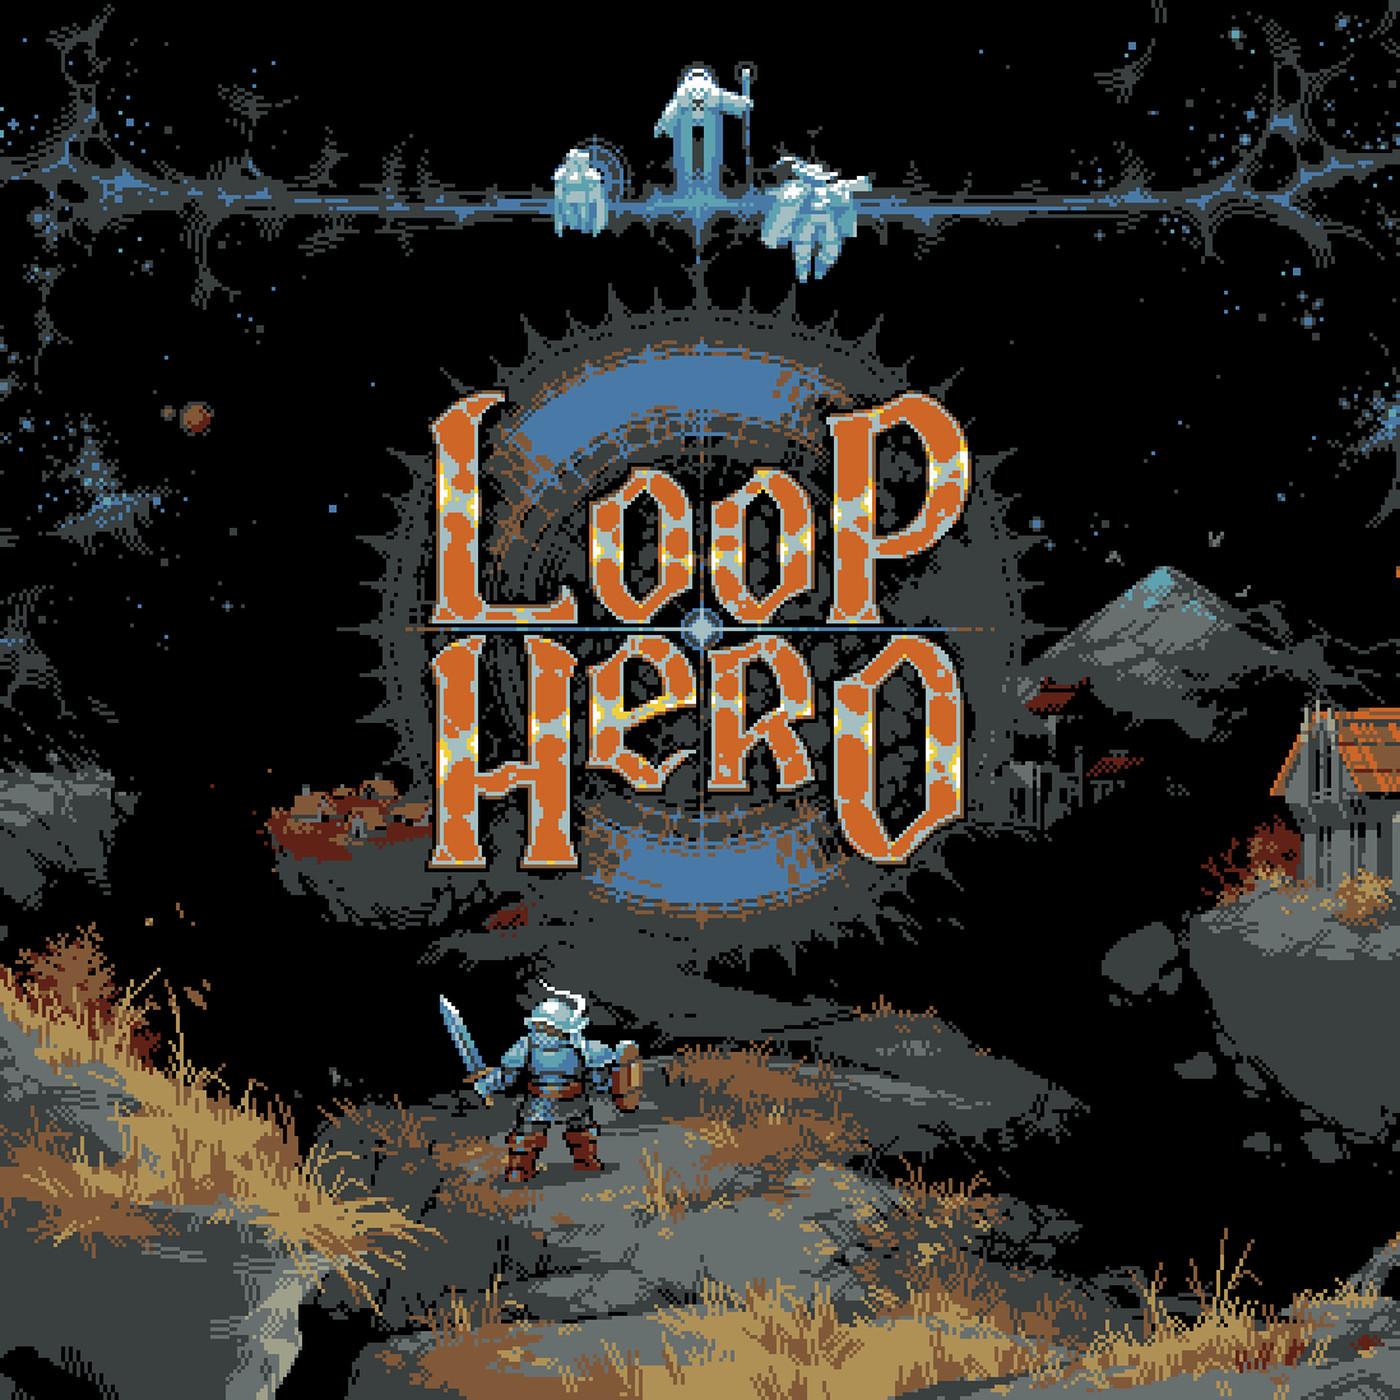 Loop Hero sur PC (dématérialisé, Steam)